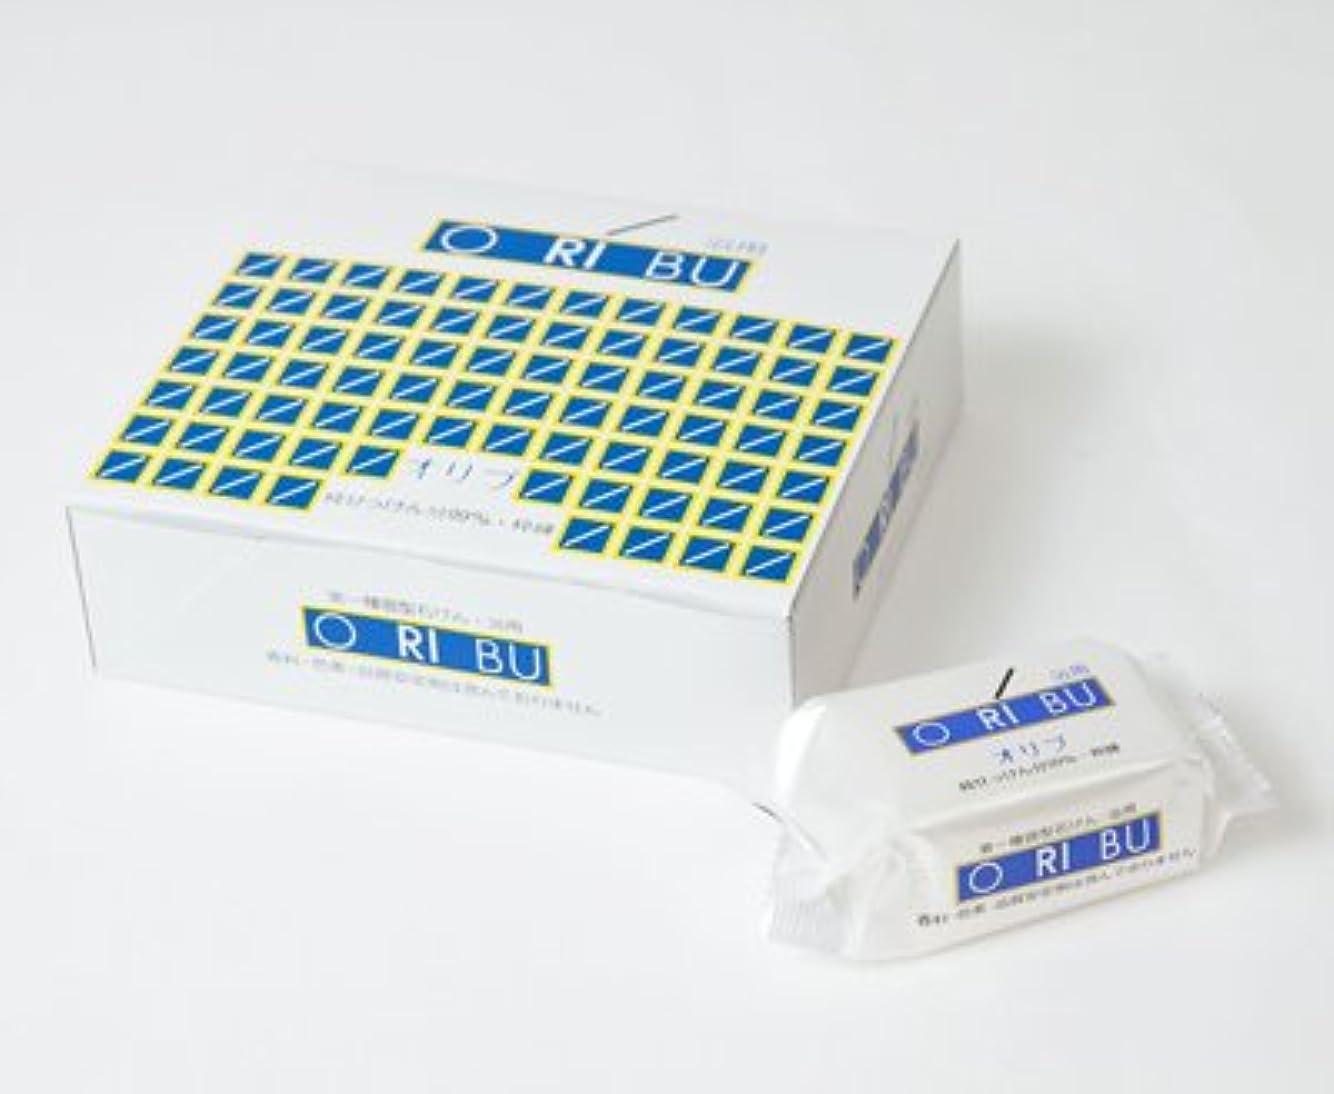 にはまって住人発掘する暁石鹸 ORIBU オリブ浴用石けん 1箱 (110g×10個入) 泡立てネット付き